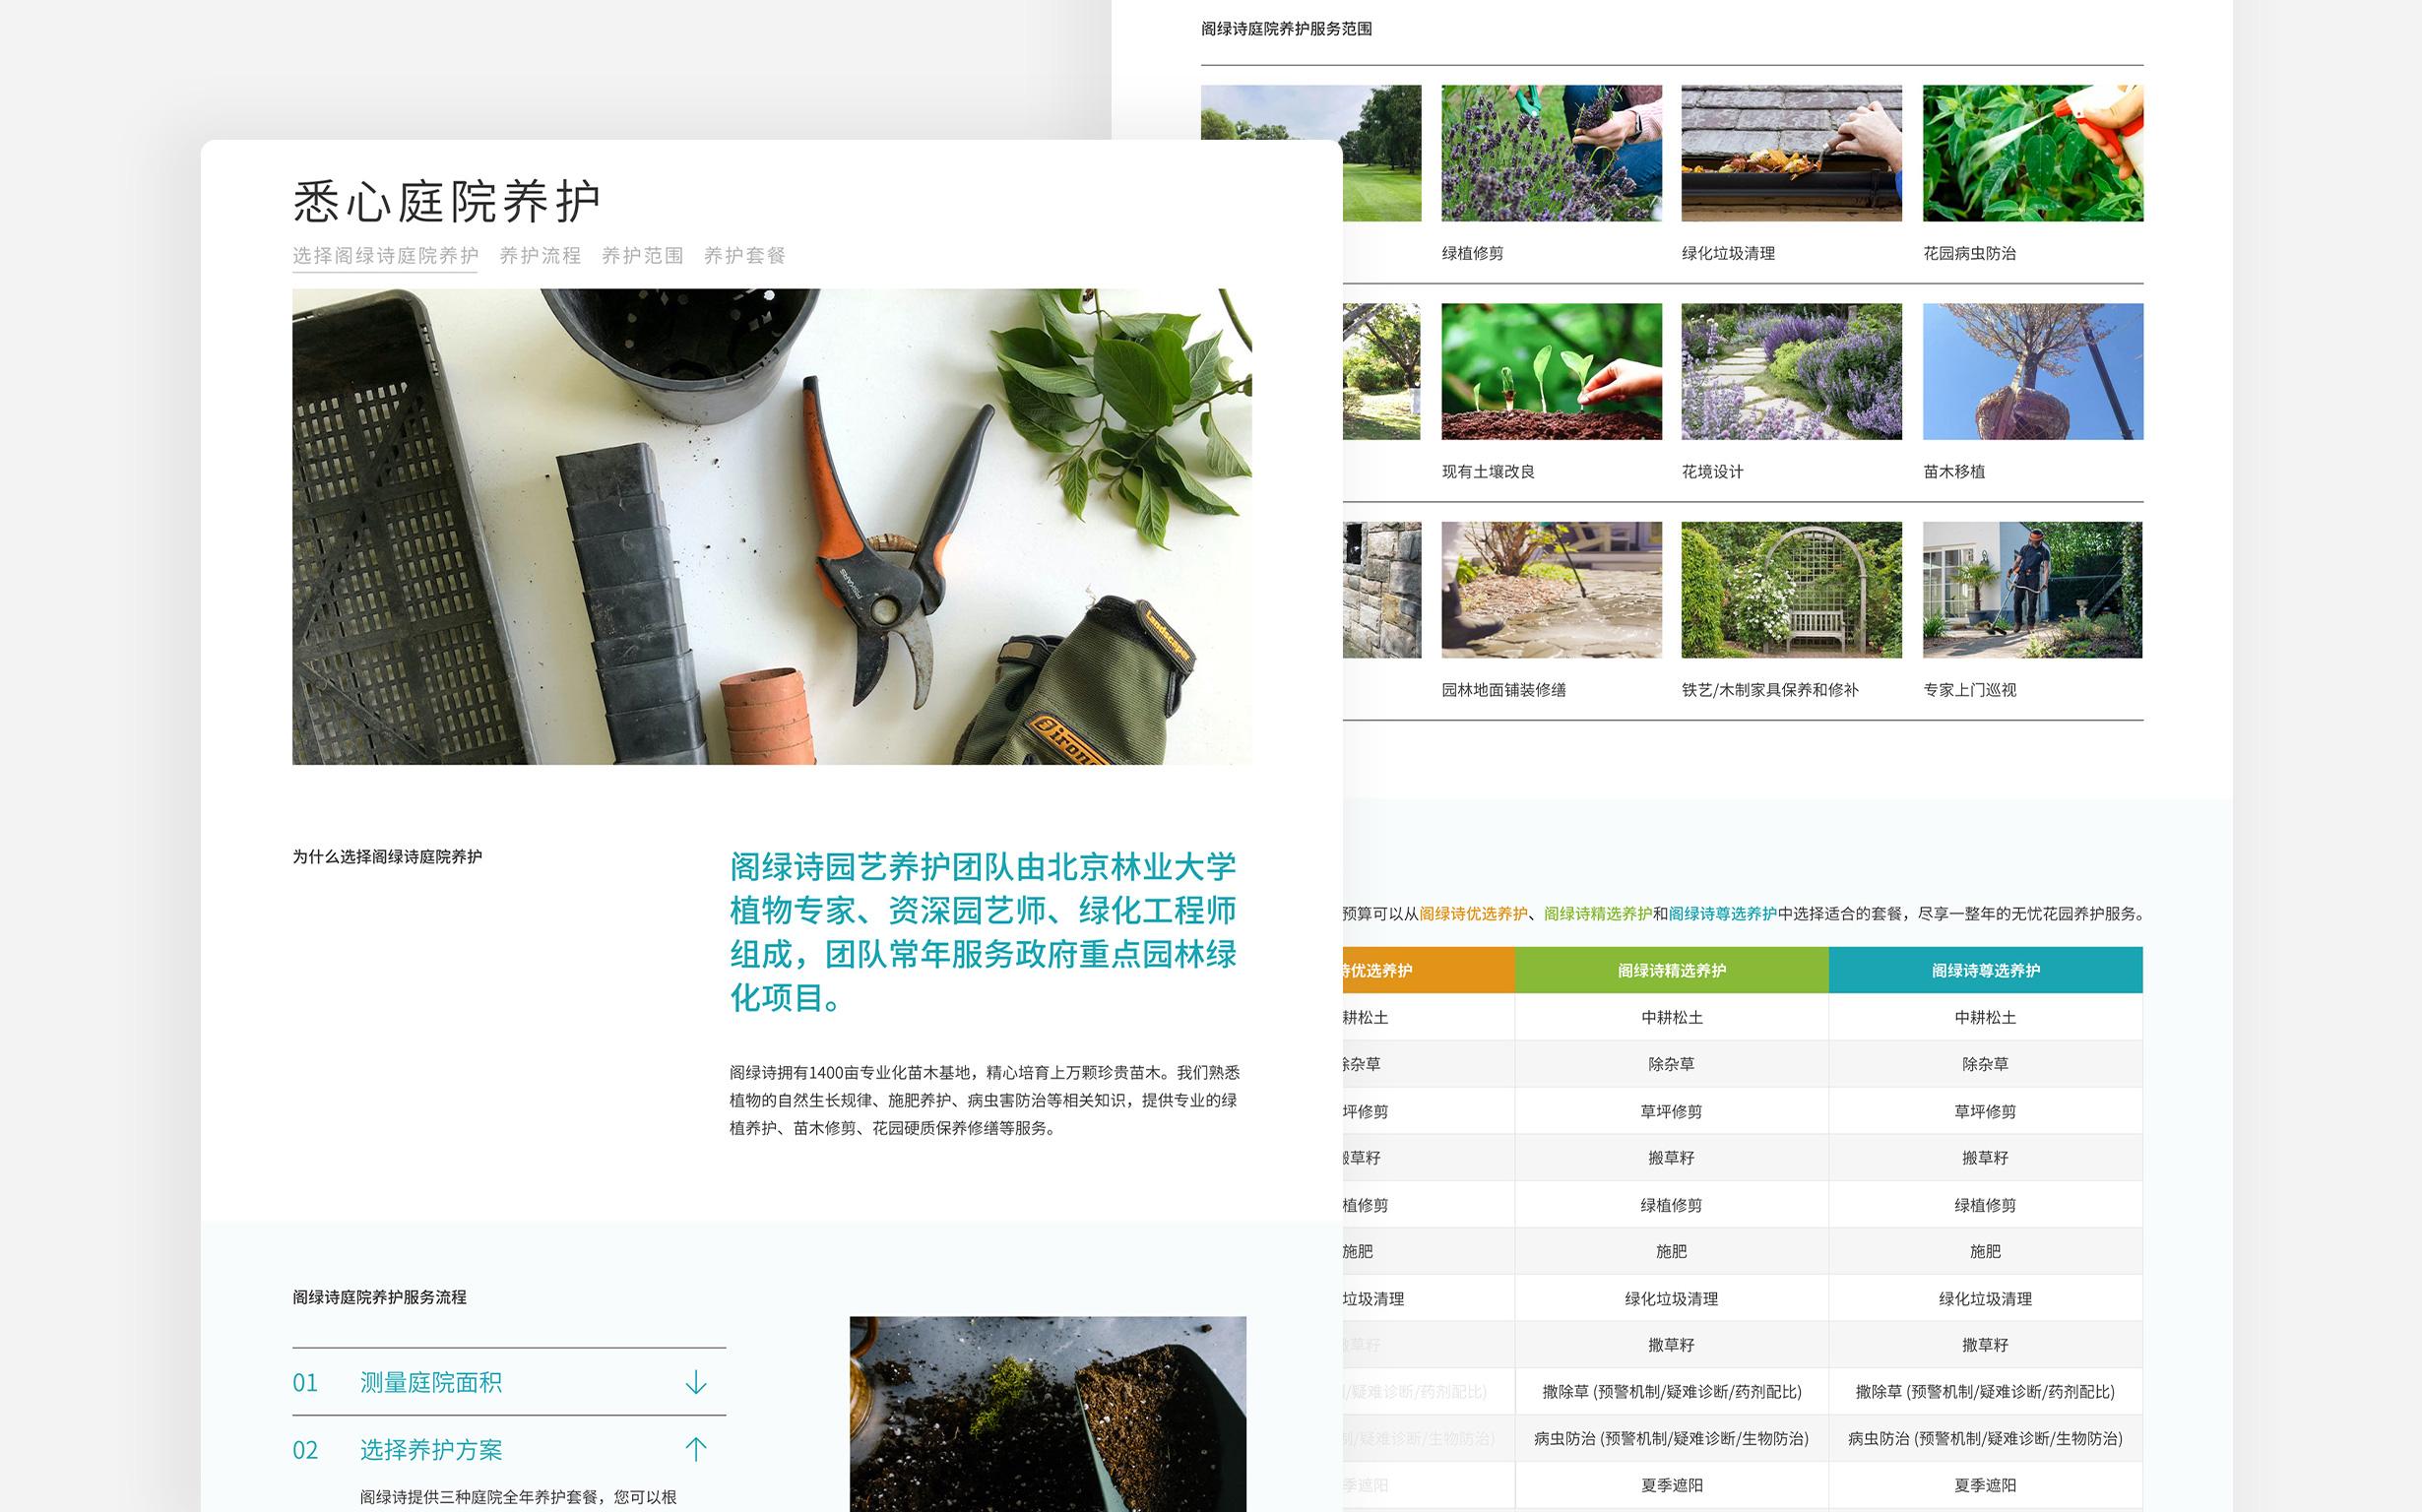 Ge Greens Website - Garden Maintenance page